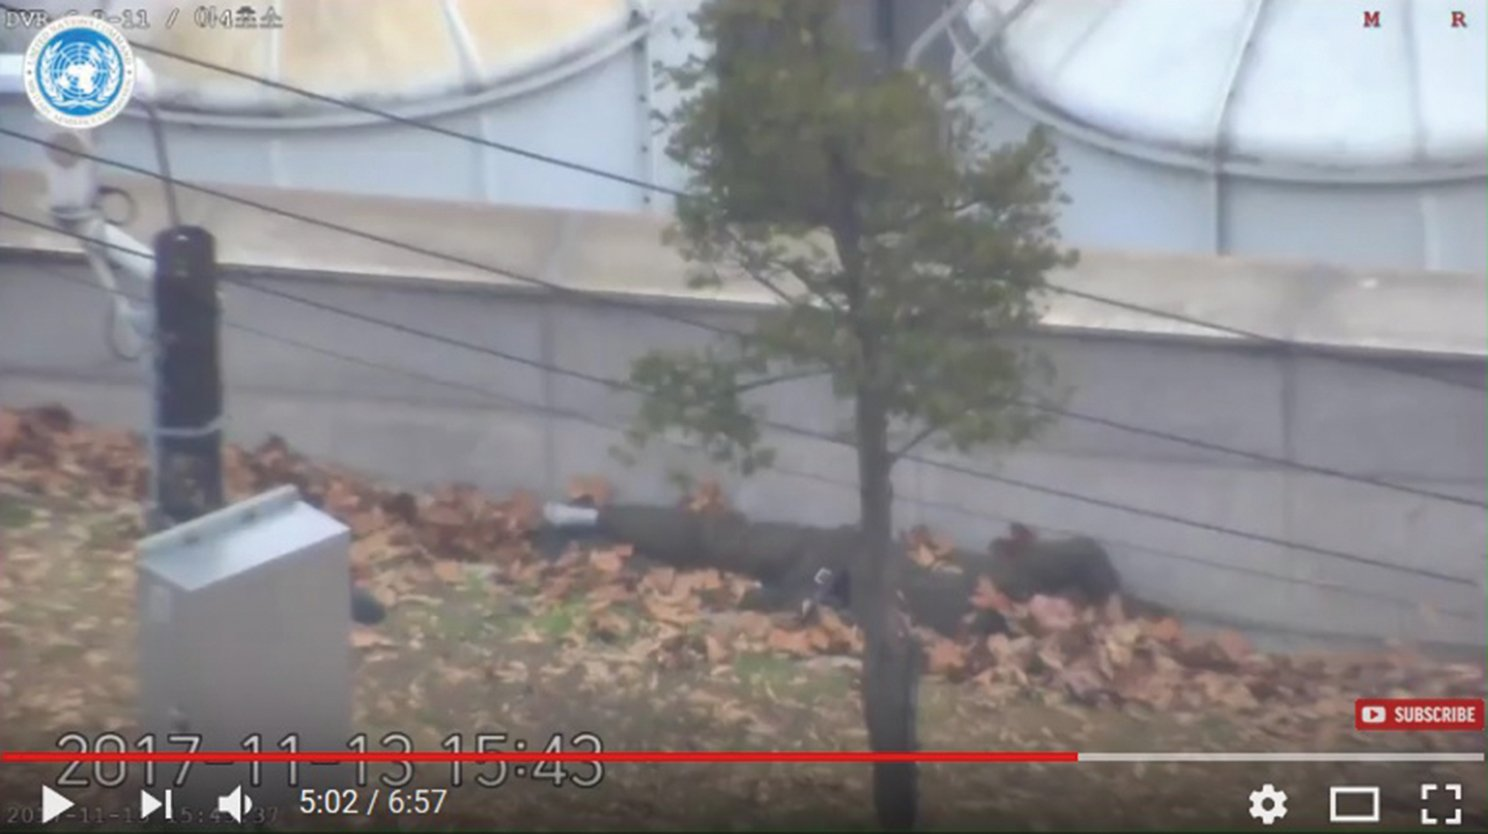 南韓軍方表示,一名北韓士兵在12月21日早上越過邊境,向南韓投誠。圖為11月13日在板門店投誠的另一名吳姓北韓士兵,他因遭同袍開槍射擊而倒臥地面。(影片擷圖)